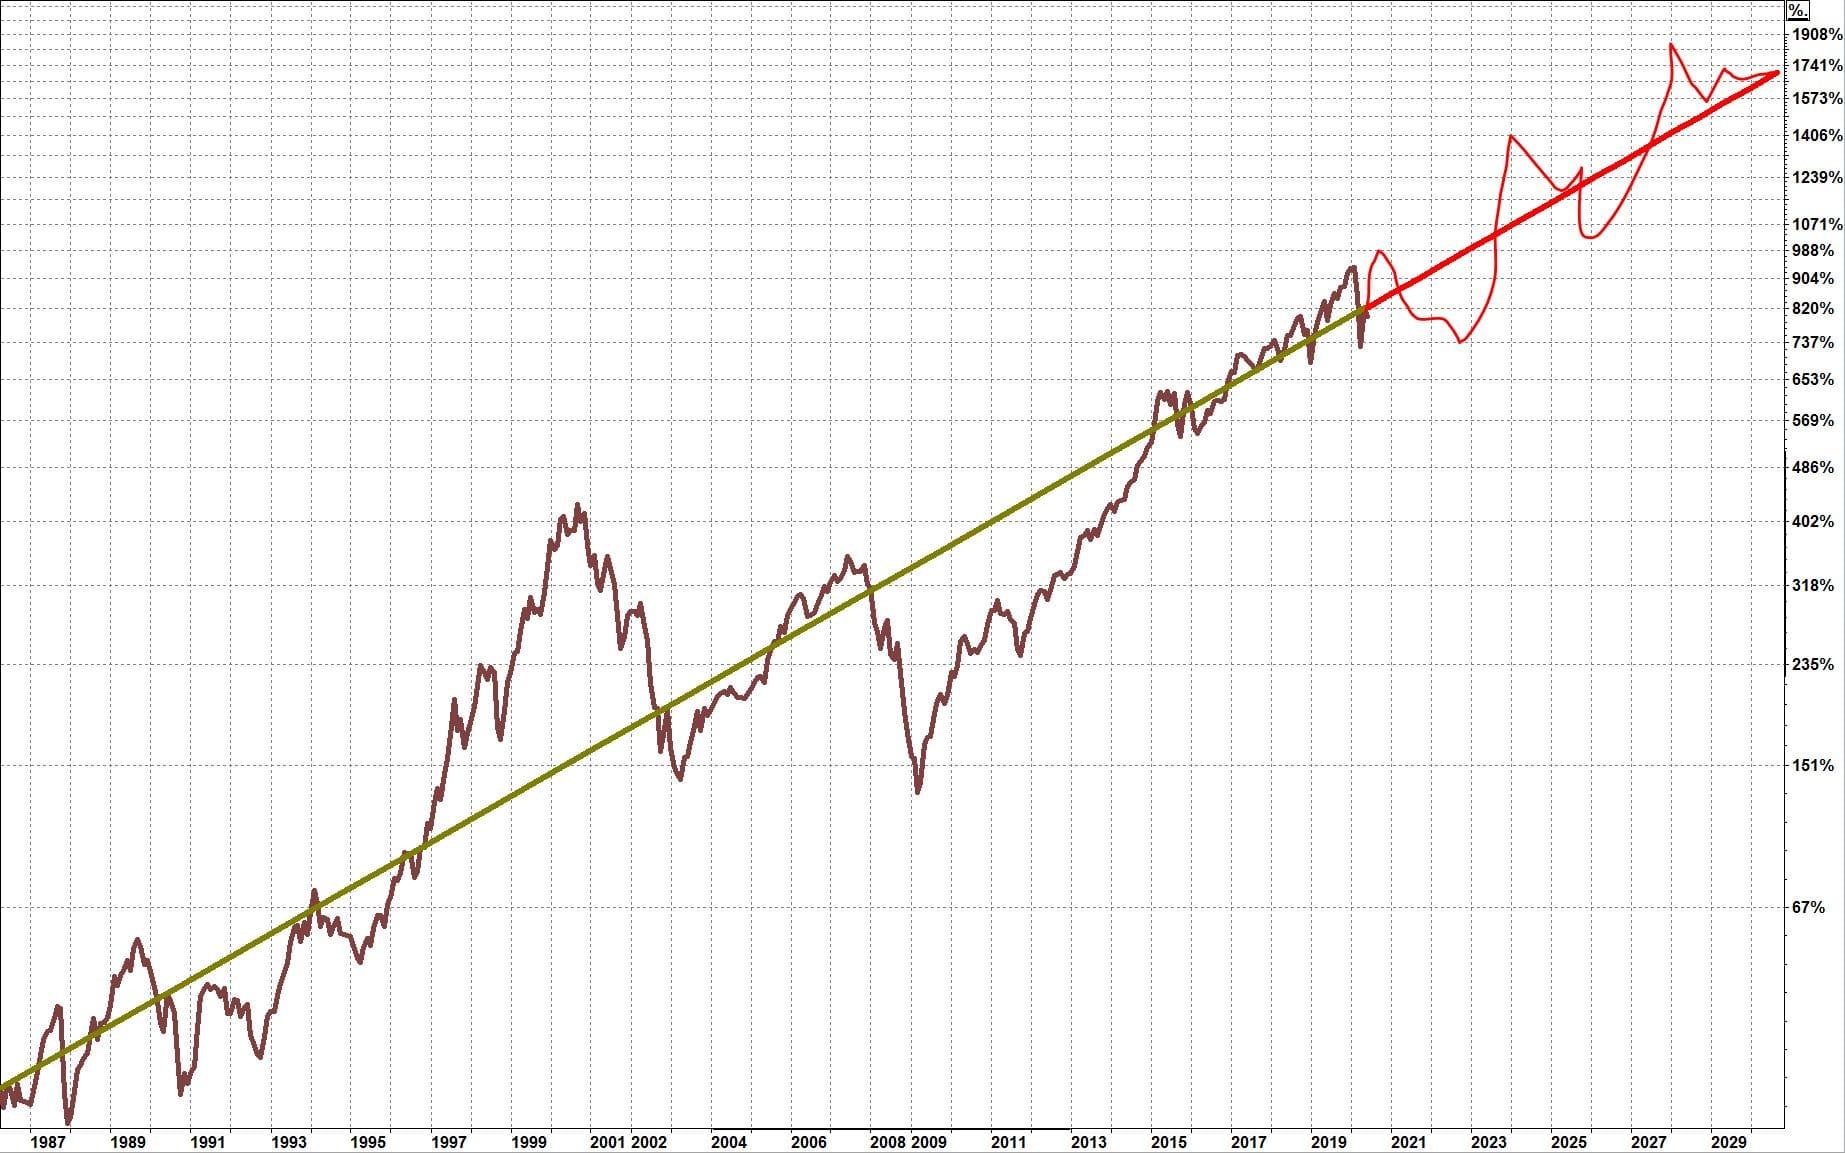 20200502-Weltaktienindex von April 1886 bis April 2030